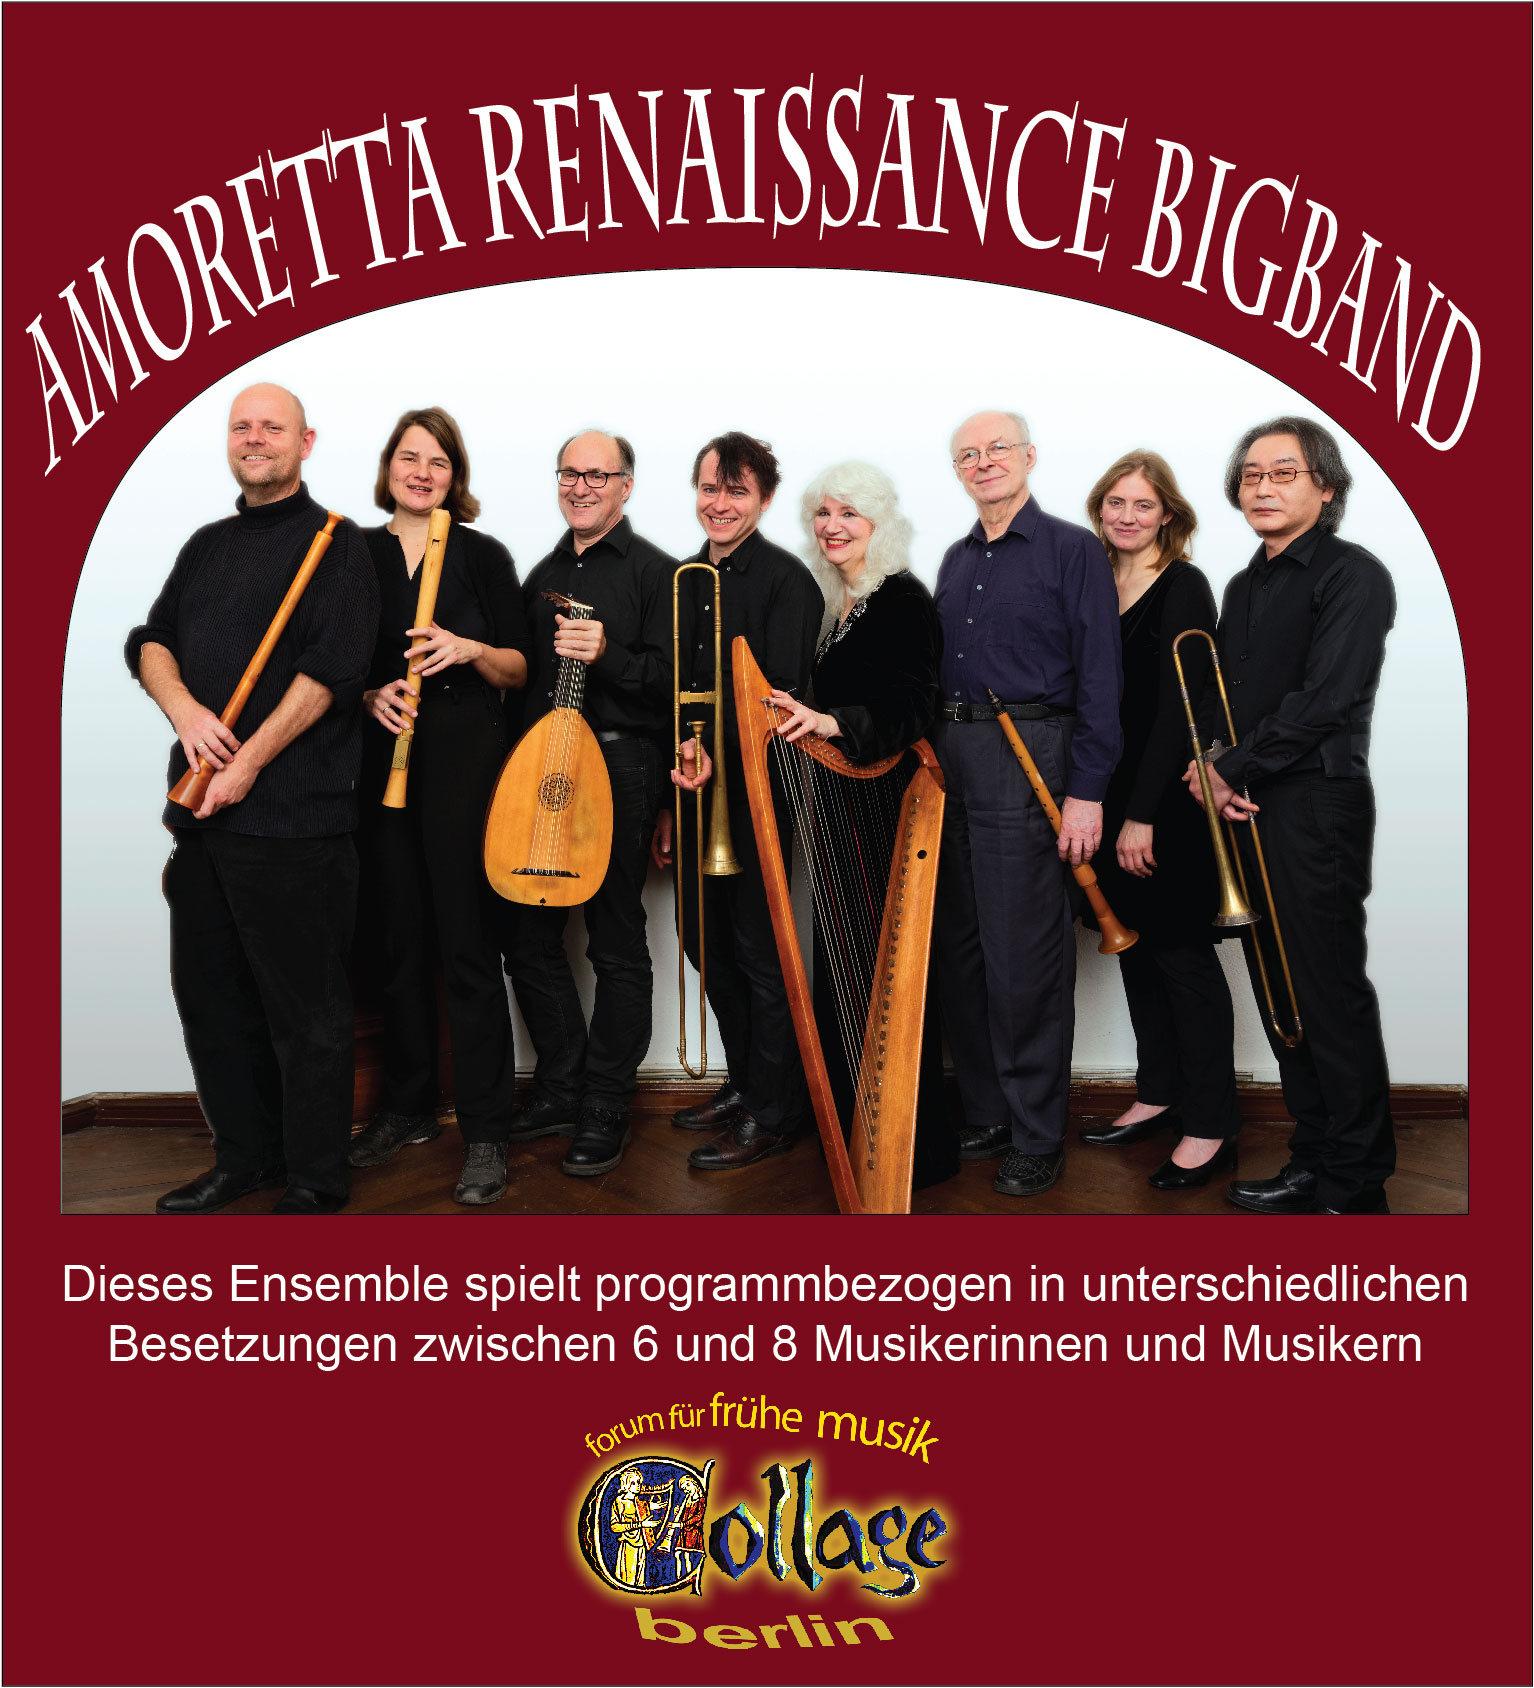 Collage - Forum für frühe Musik Berlin